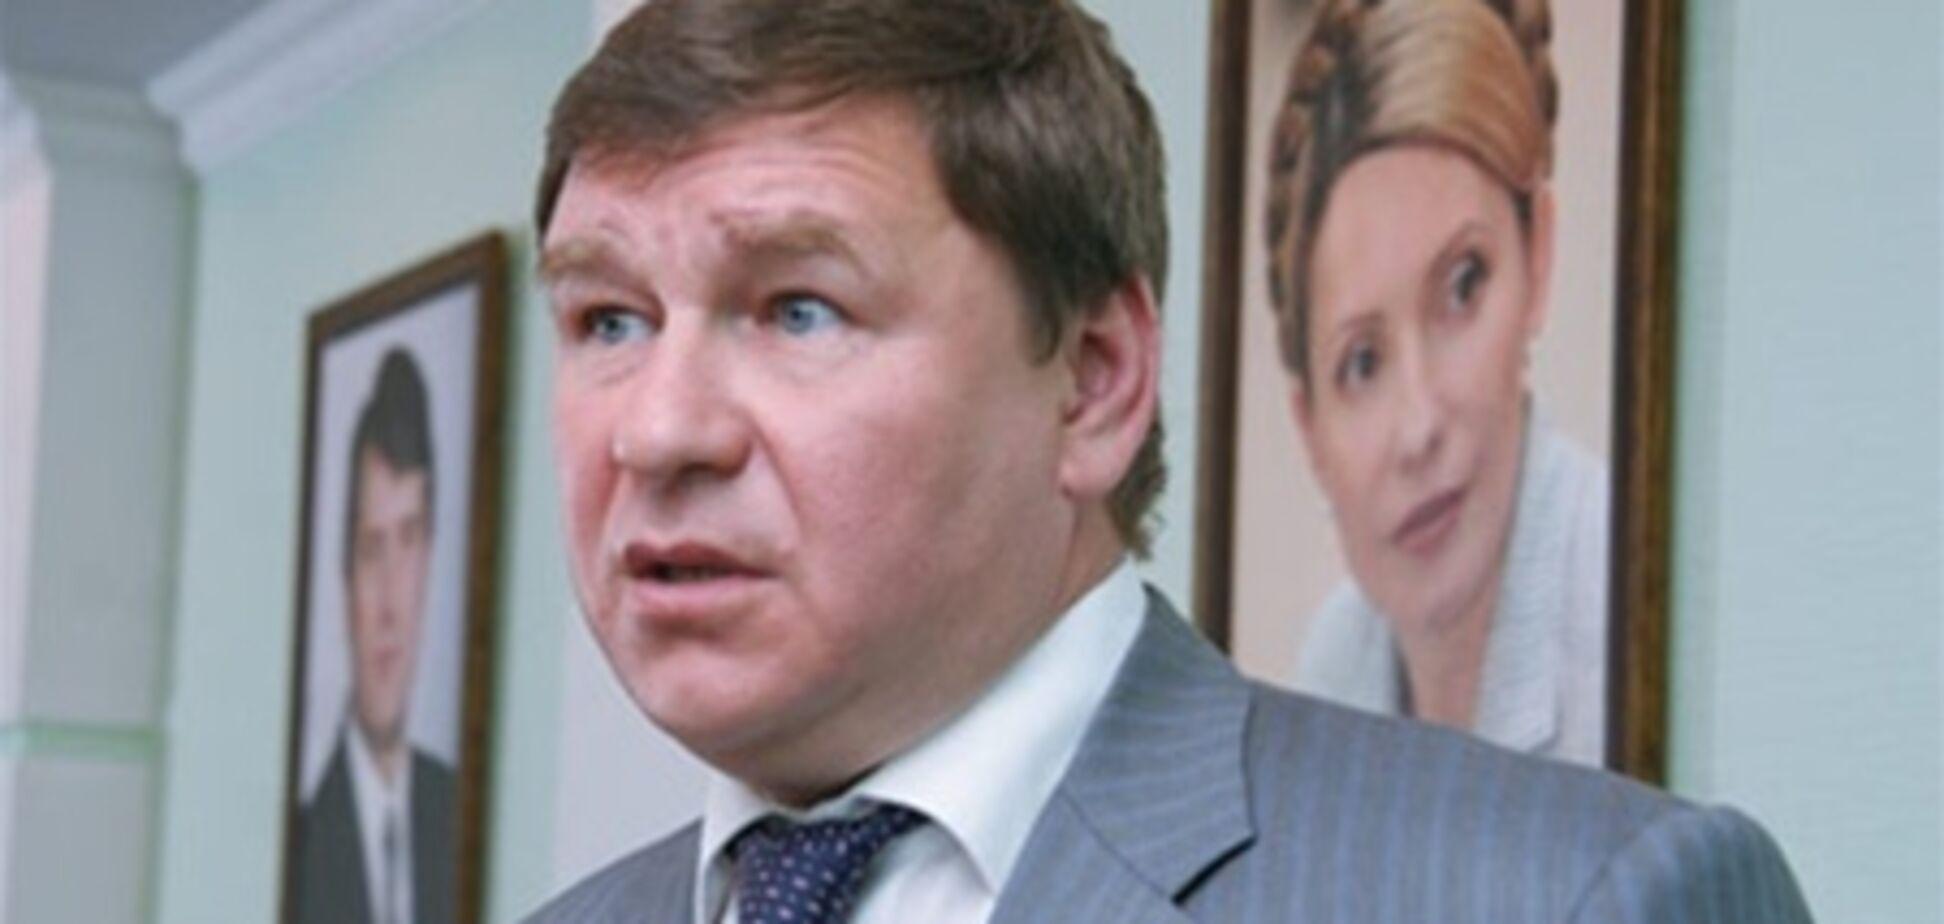 Поживанов жалуется, что хочет общаться с Тимошенко, но 'она не берет трубку'